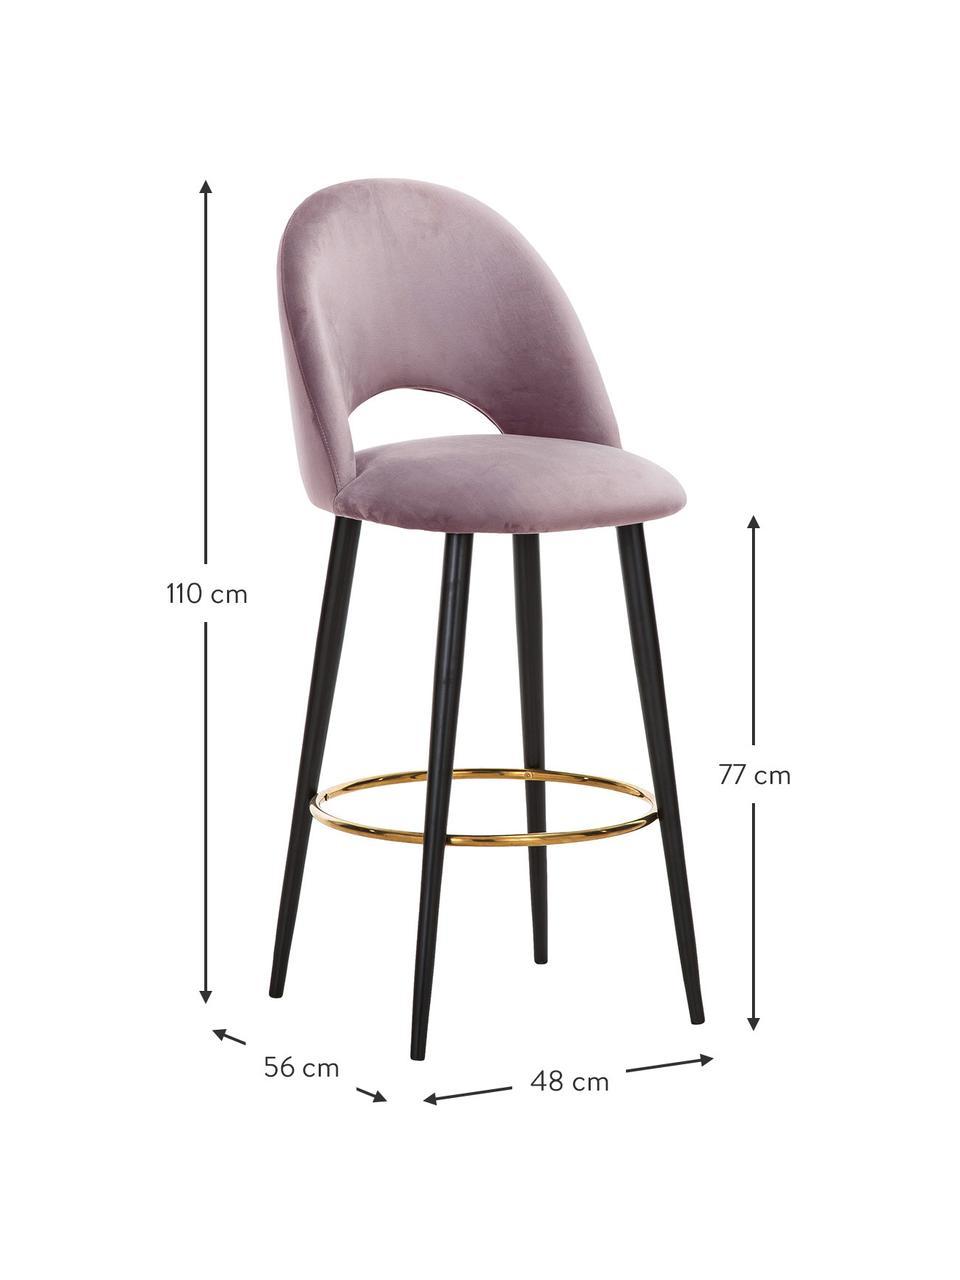 Krzesło barowe z aksamitu Rachel, Tapicerka: aksamit (poliester) 5000, Nogi: metal malowany proszkowo, Aksamitny mauve, S 48 x W 110 cm